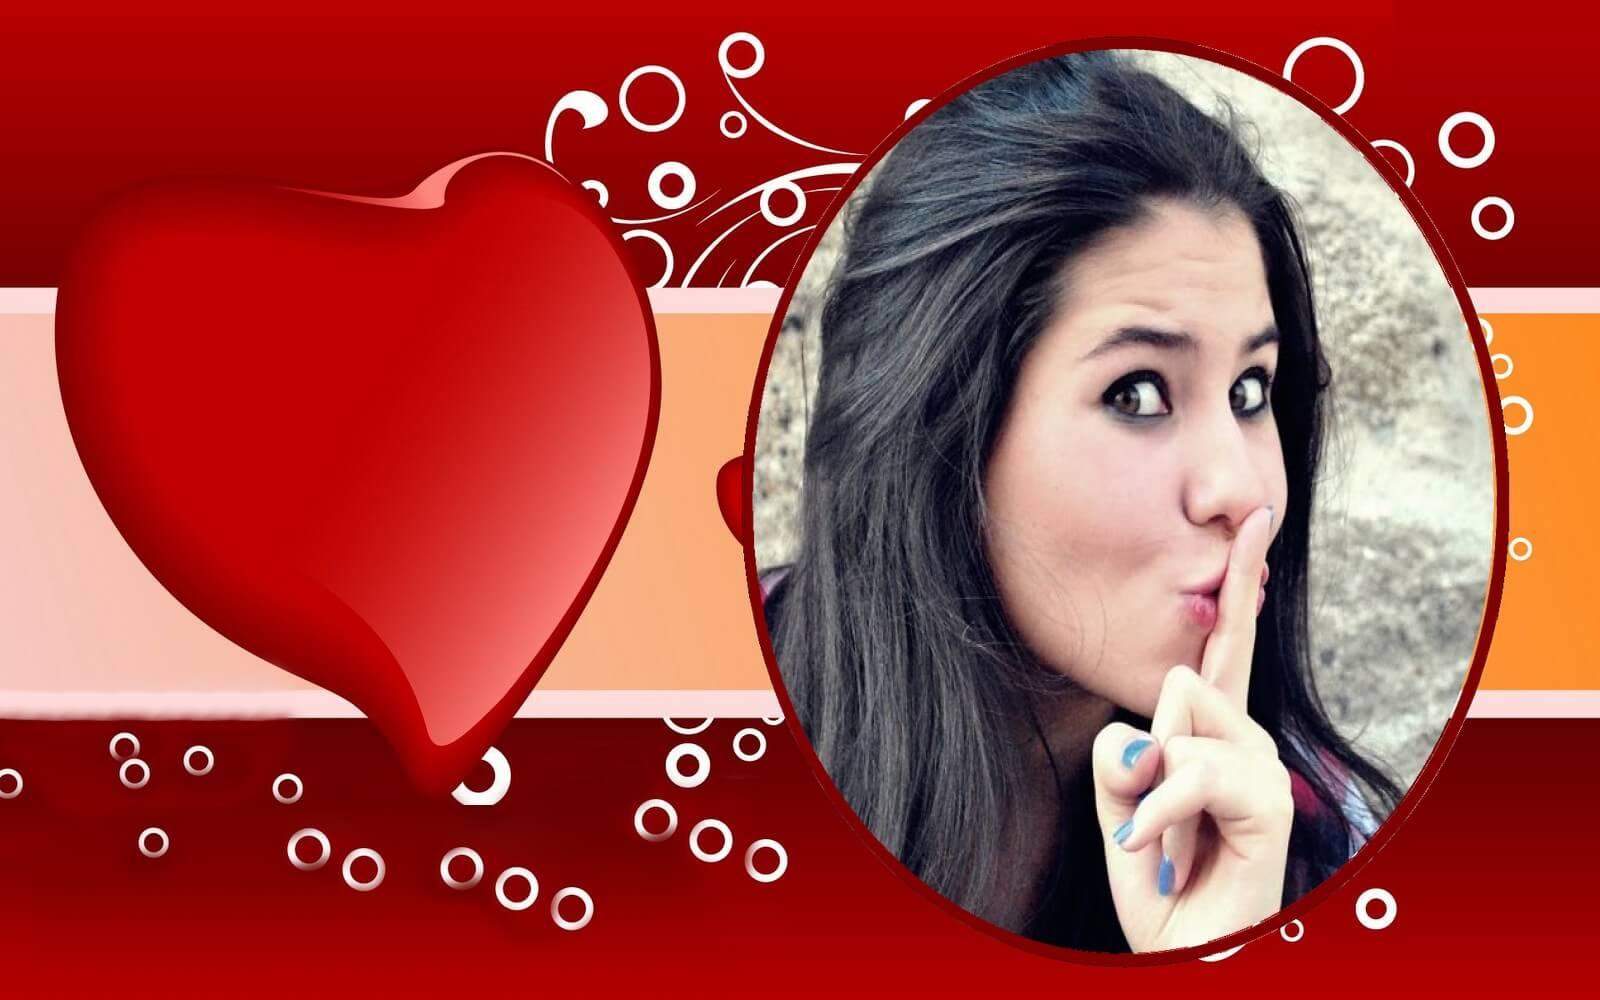 coracao-vermelho-fotomontagem-orkut